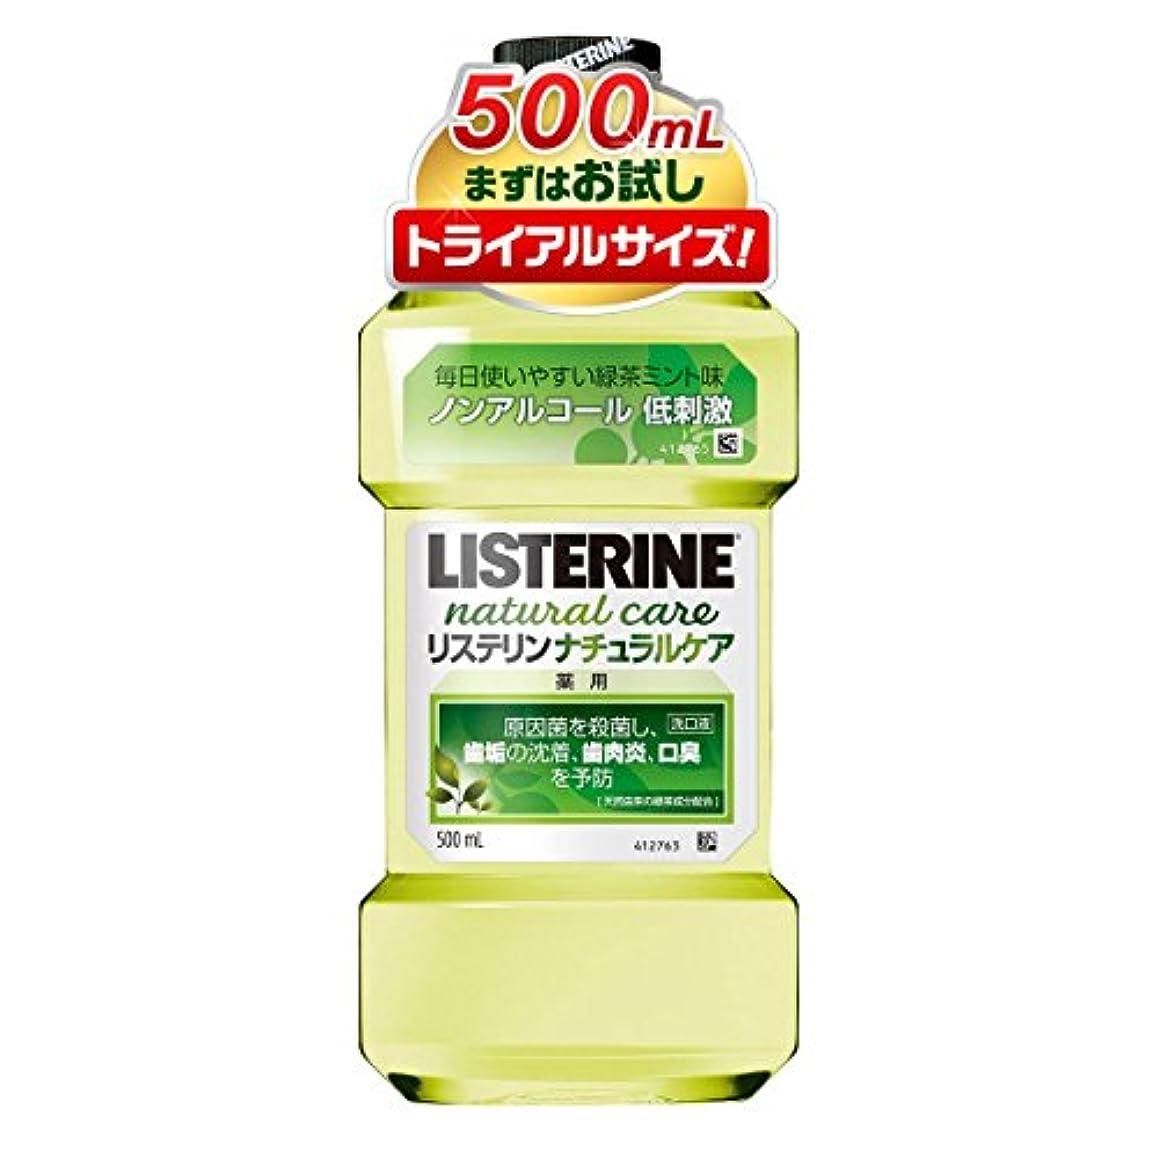 ことわざ直感有害な[医薬部外品] 薬用 リステリン マウスウォッシュ ナチュラルケア 500mL ノンアルコールタイプ